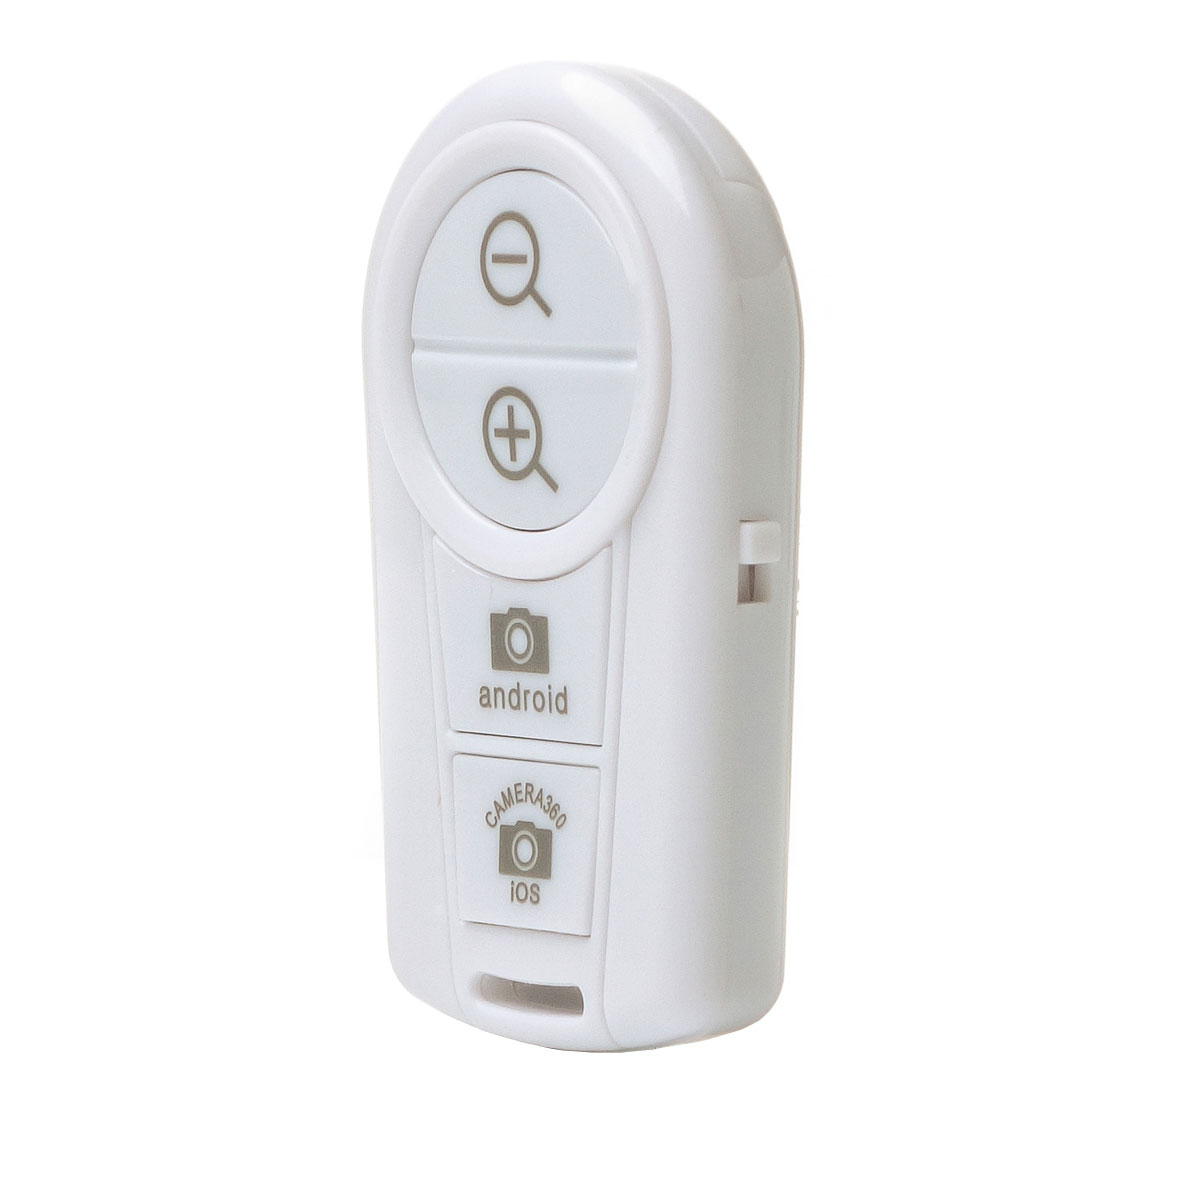 Harper RSB-201, White Bluetooth-кнопкаRSB-201 WhiteУниверсальная Bluetooth-кнопка Harper RSB-201 предназначена для дистанционного спуска затвора фотокамеры устройств на платформе iOs/Android. Имеет функцию приближения.